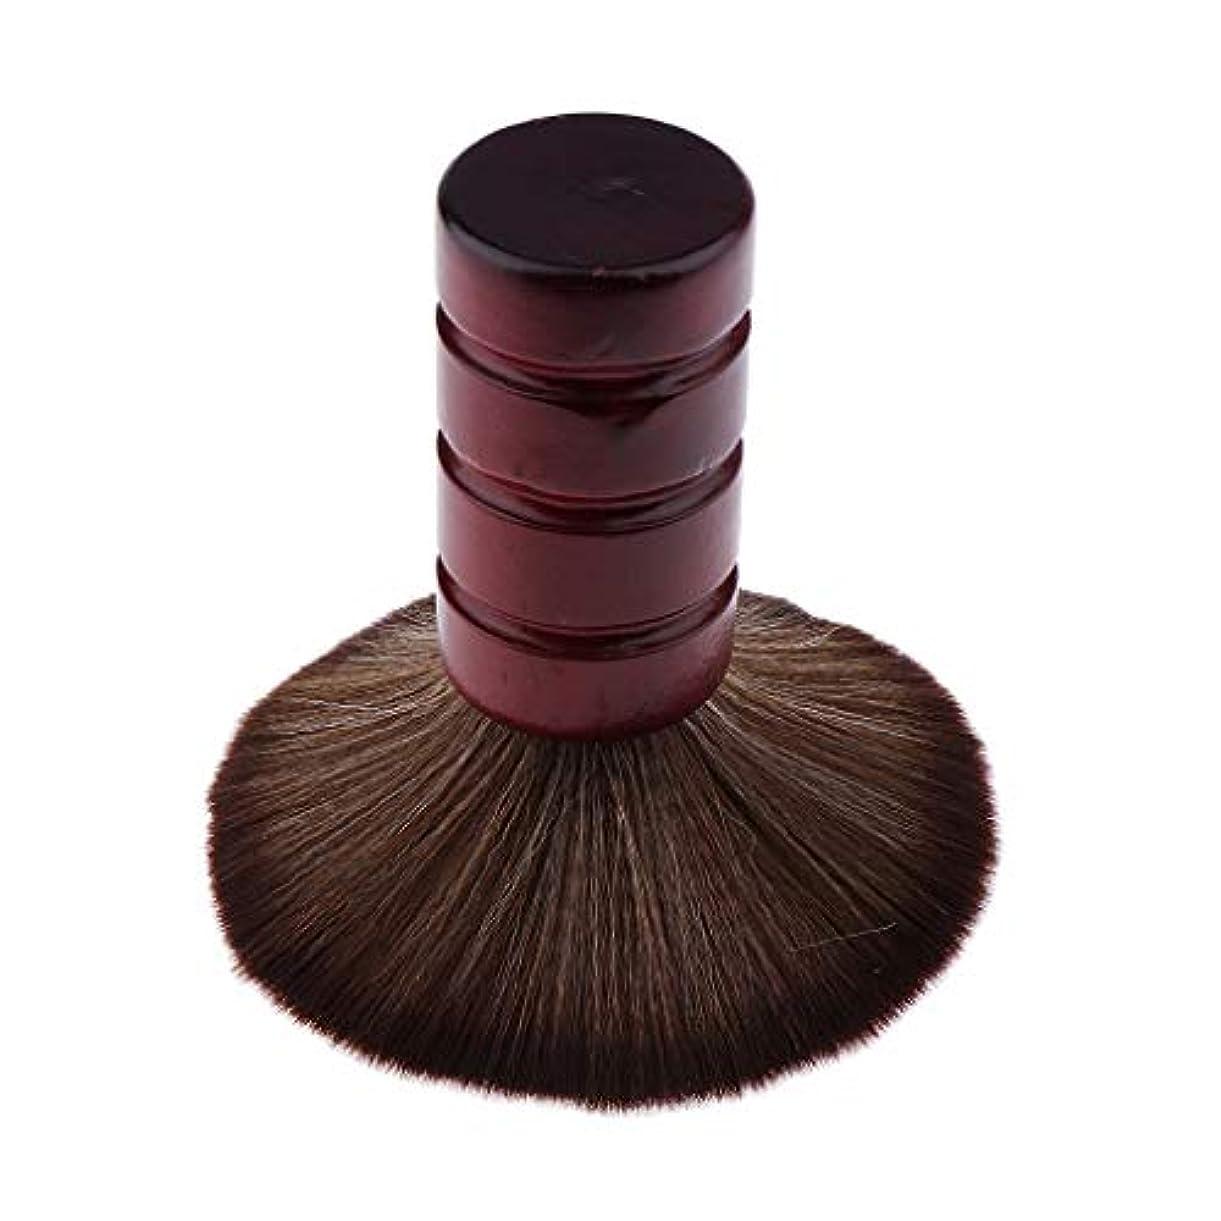 霜廃止するサークルヘアカット ネックダスターブラシ バーバー ヘアーサロン シェービング 美容ブラシ